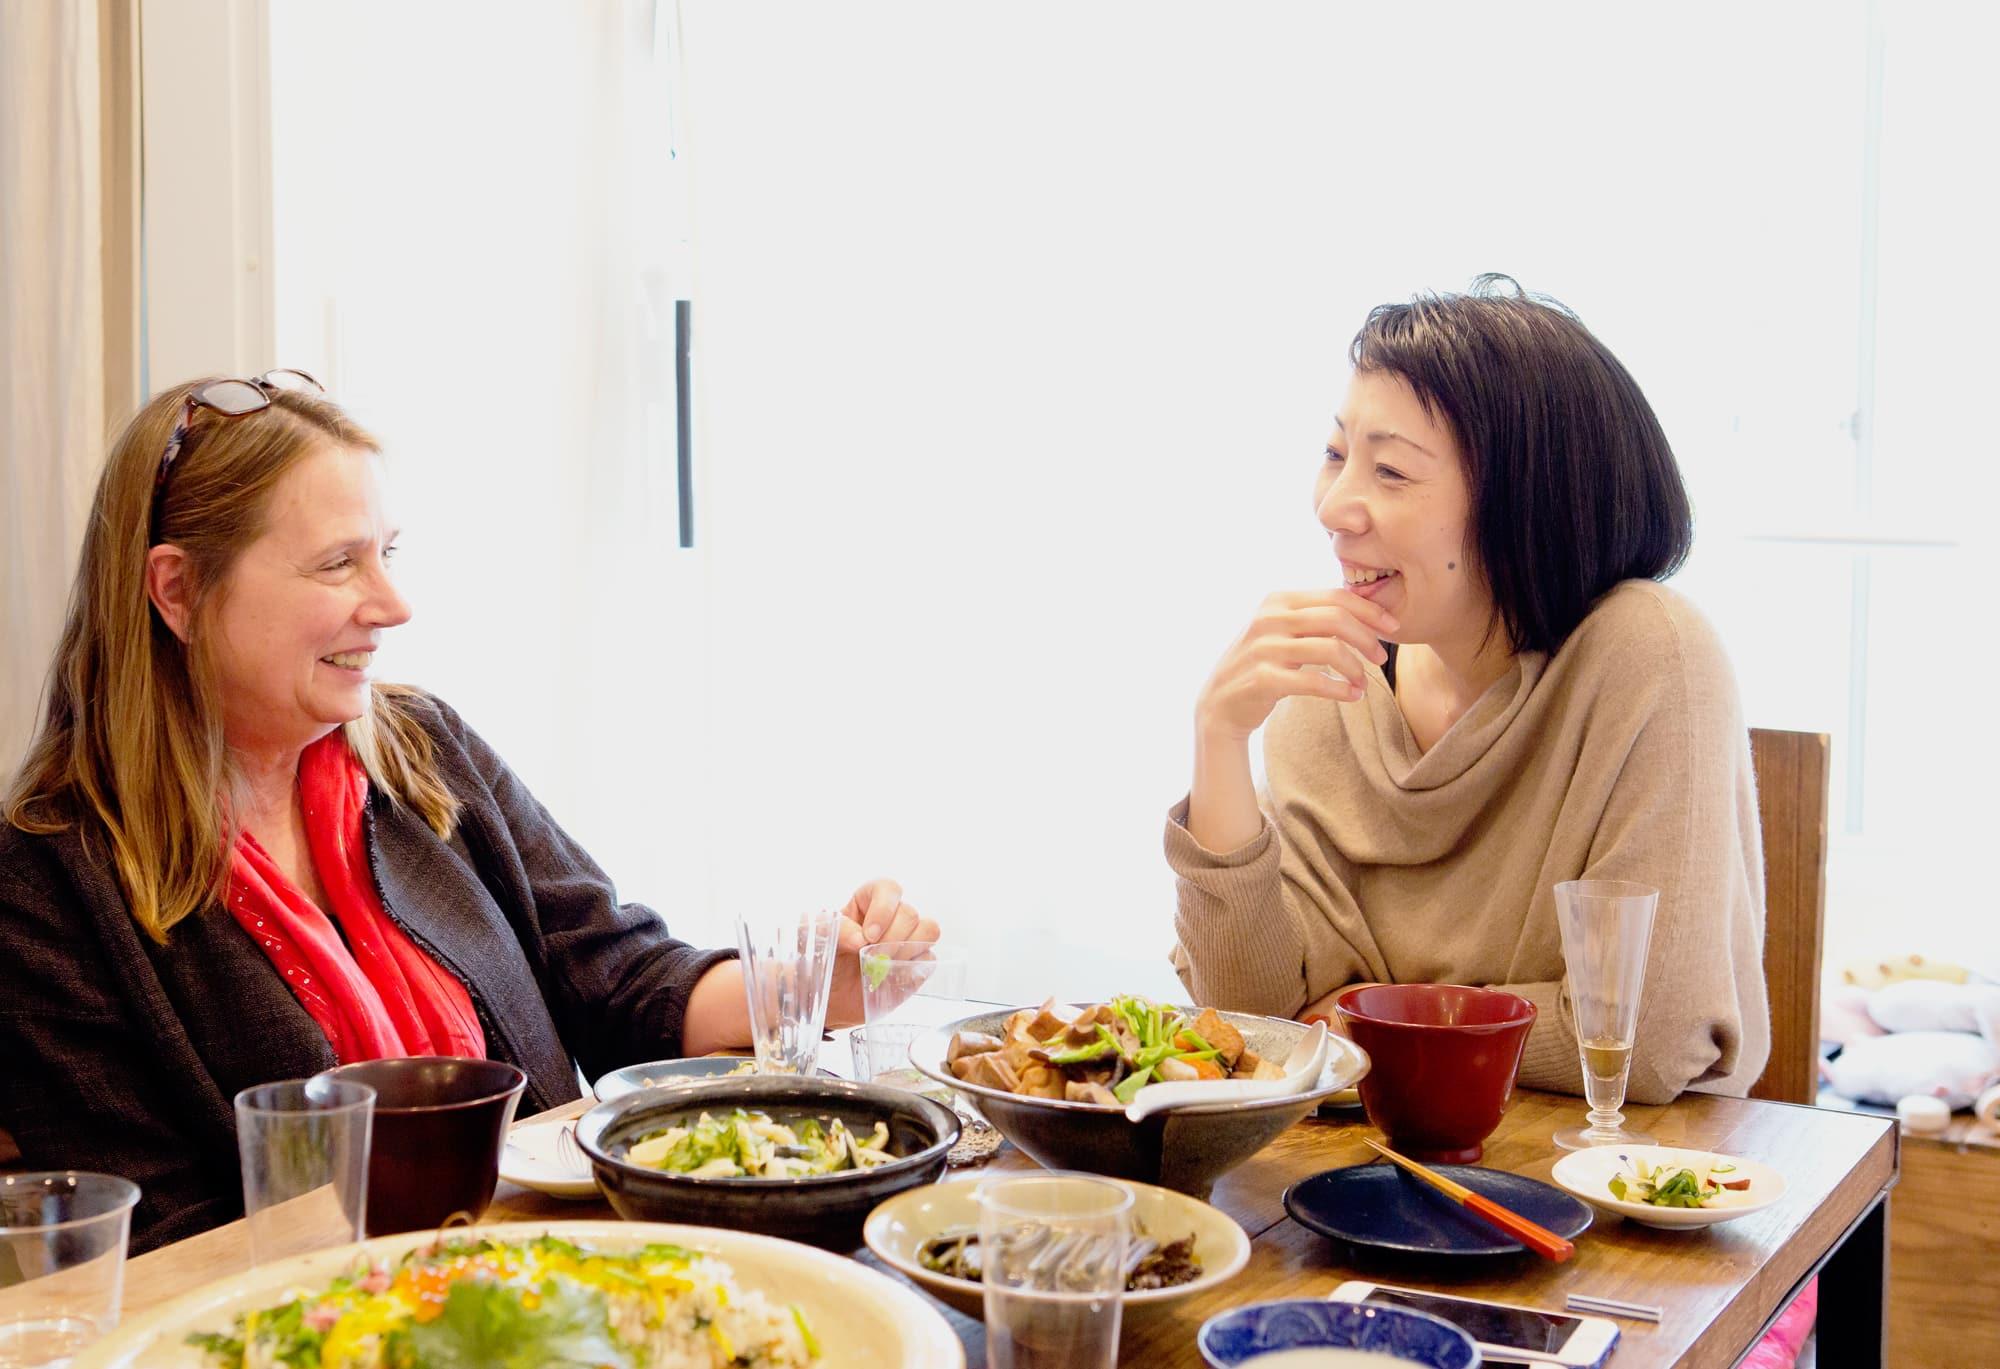 写真家の食卓【前編】川内倫子×テリ・ワイフェンバック | 川内倫子×テリ・ワイフェンバック